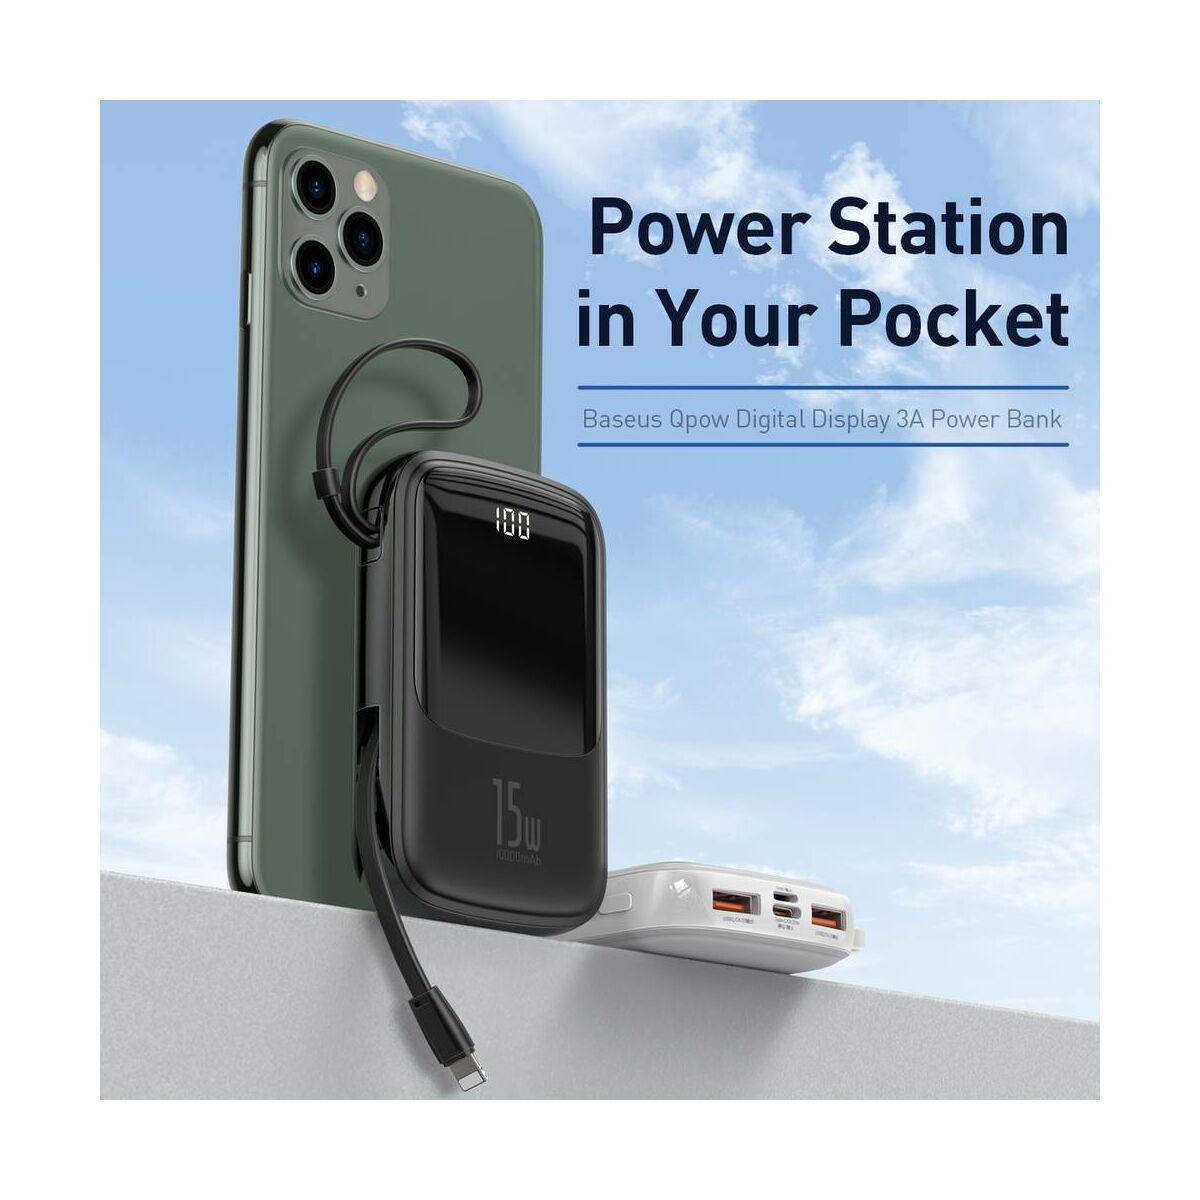 Baseus Power Bank Q pow Digitális kijelző (ajándék Type-C kábellel) 3A, 10000 mAh, piros (PPQD-A09)